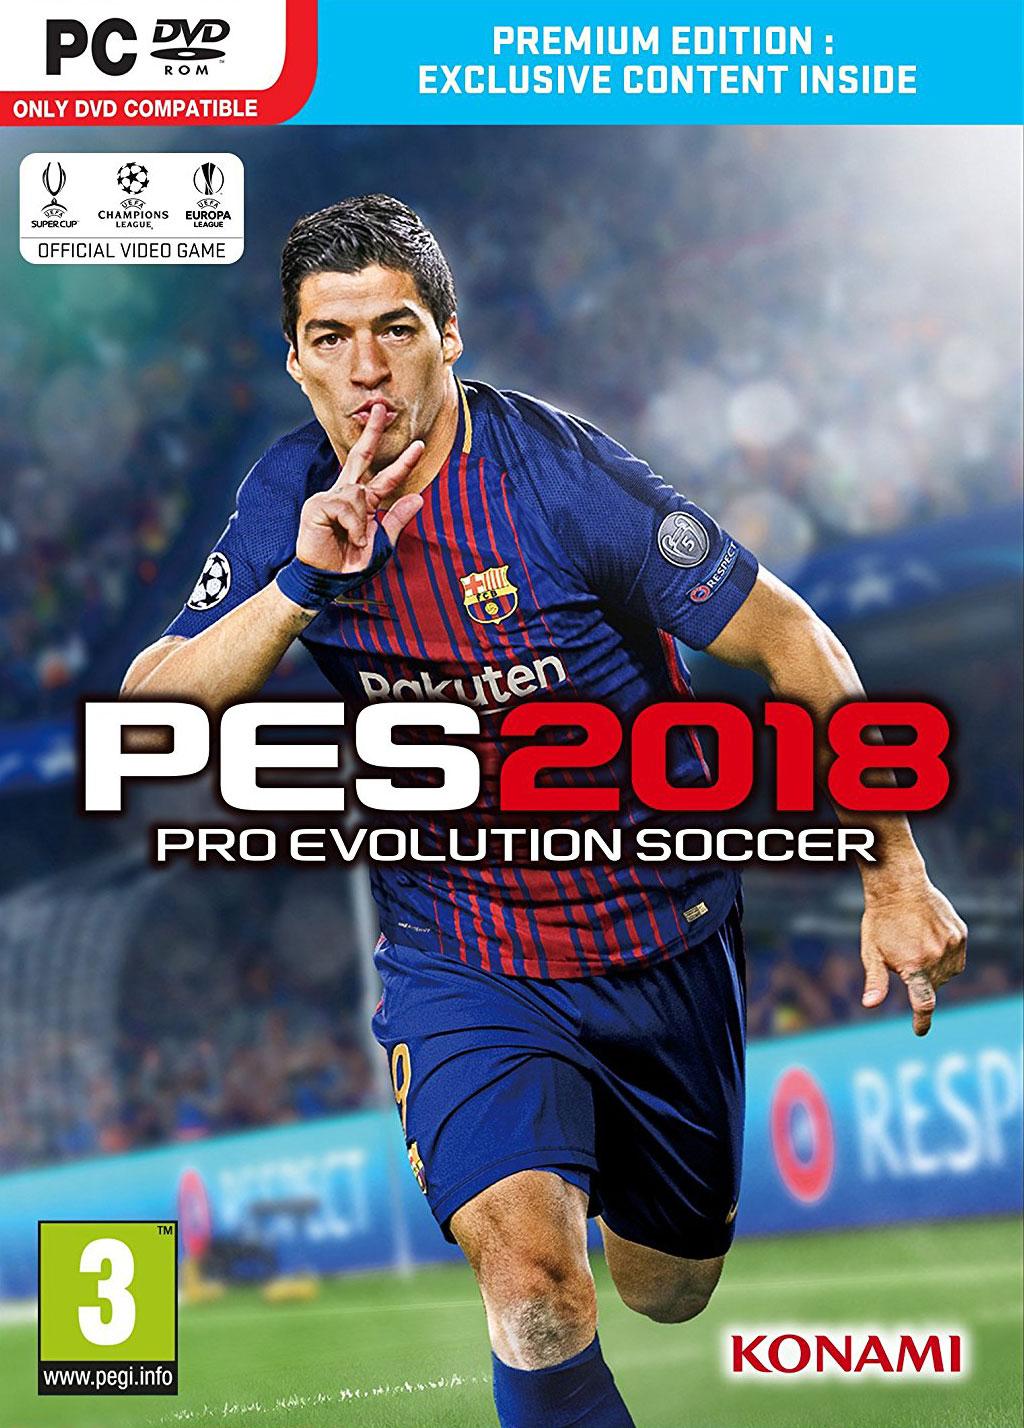 http://img5.downloadha.com/hosein/Game/September%202017/14/Pro-Evolution-Soccer-2018-pc-cover-large.jpg